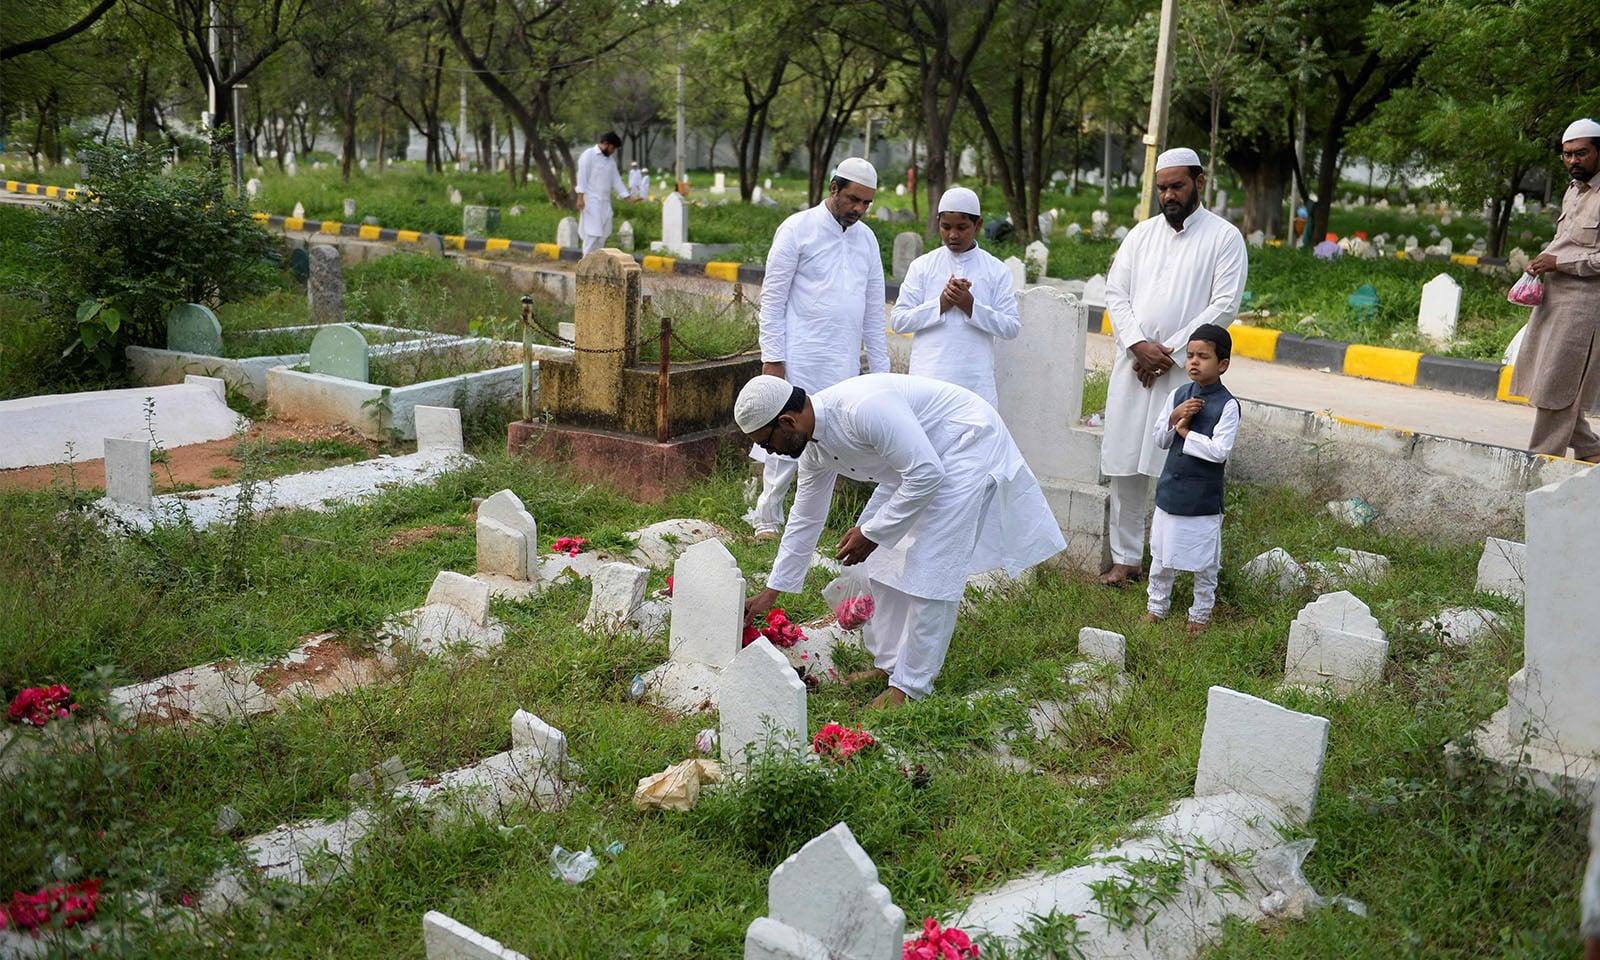 عید کے موقع پر مسلمان اپنے وفات پاجانے والے رشتہ داروں کی قبروں پر فاتحہ پڑھنے قبرستان کا رخ بھی کرتے ہیں—تصویر:اے ایف پی